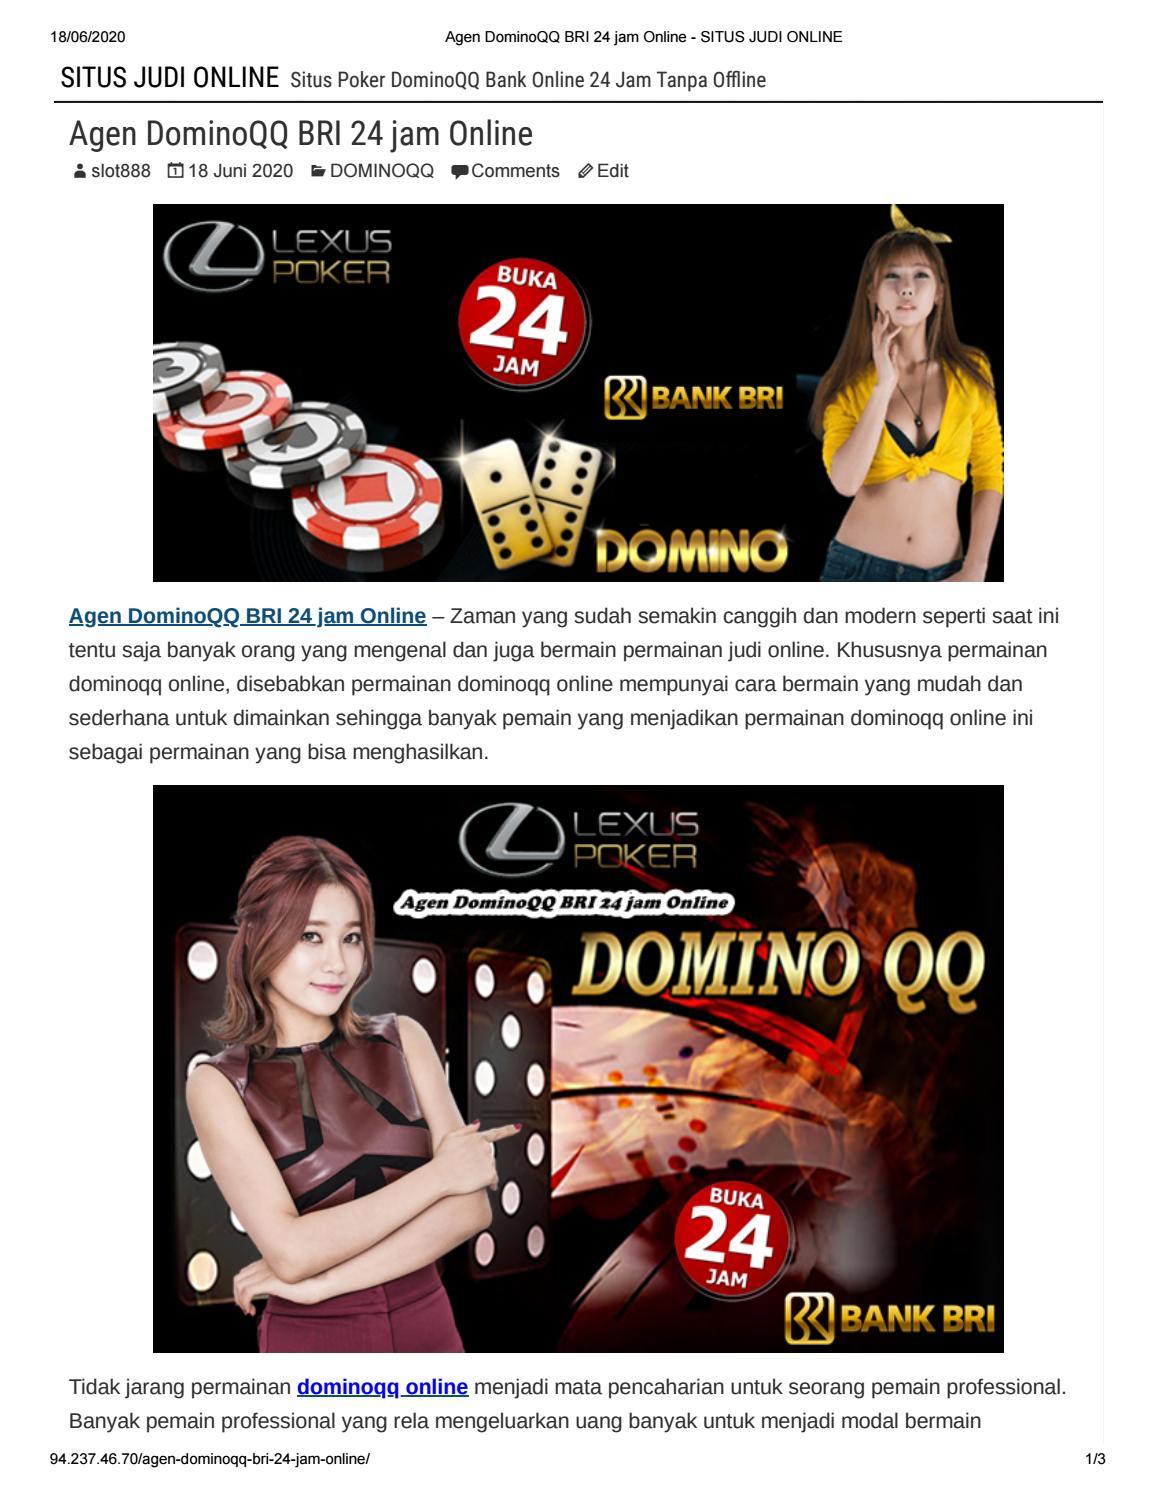 Lexuspoker Agen Dominoqq Bri 24 Jam Online By Lexuspoker Issuu